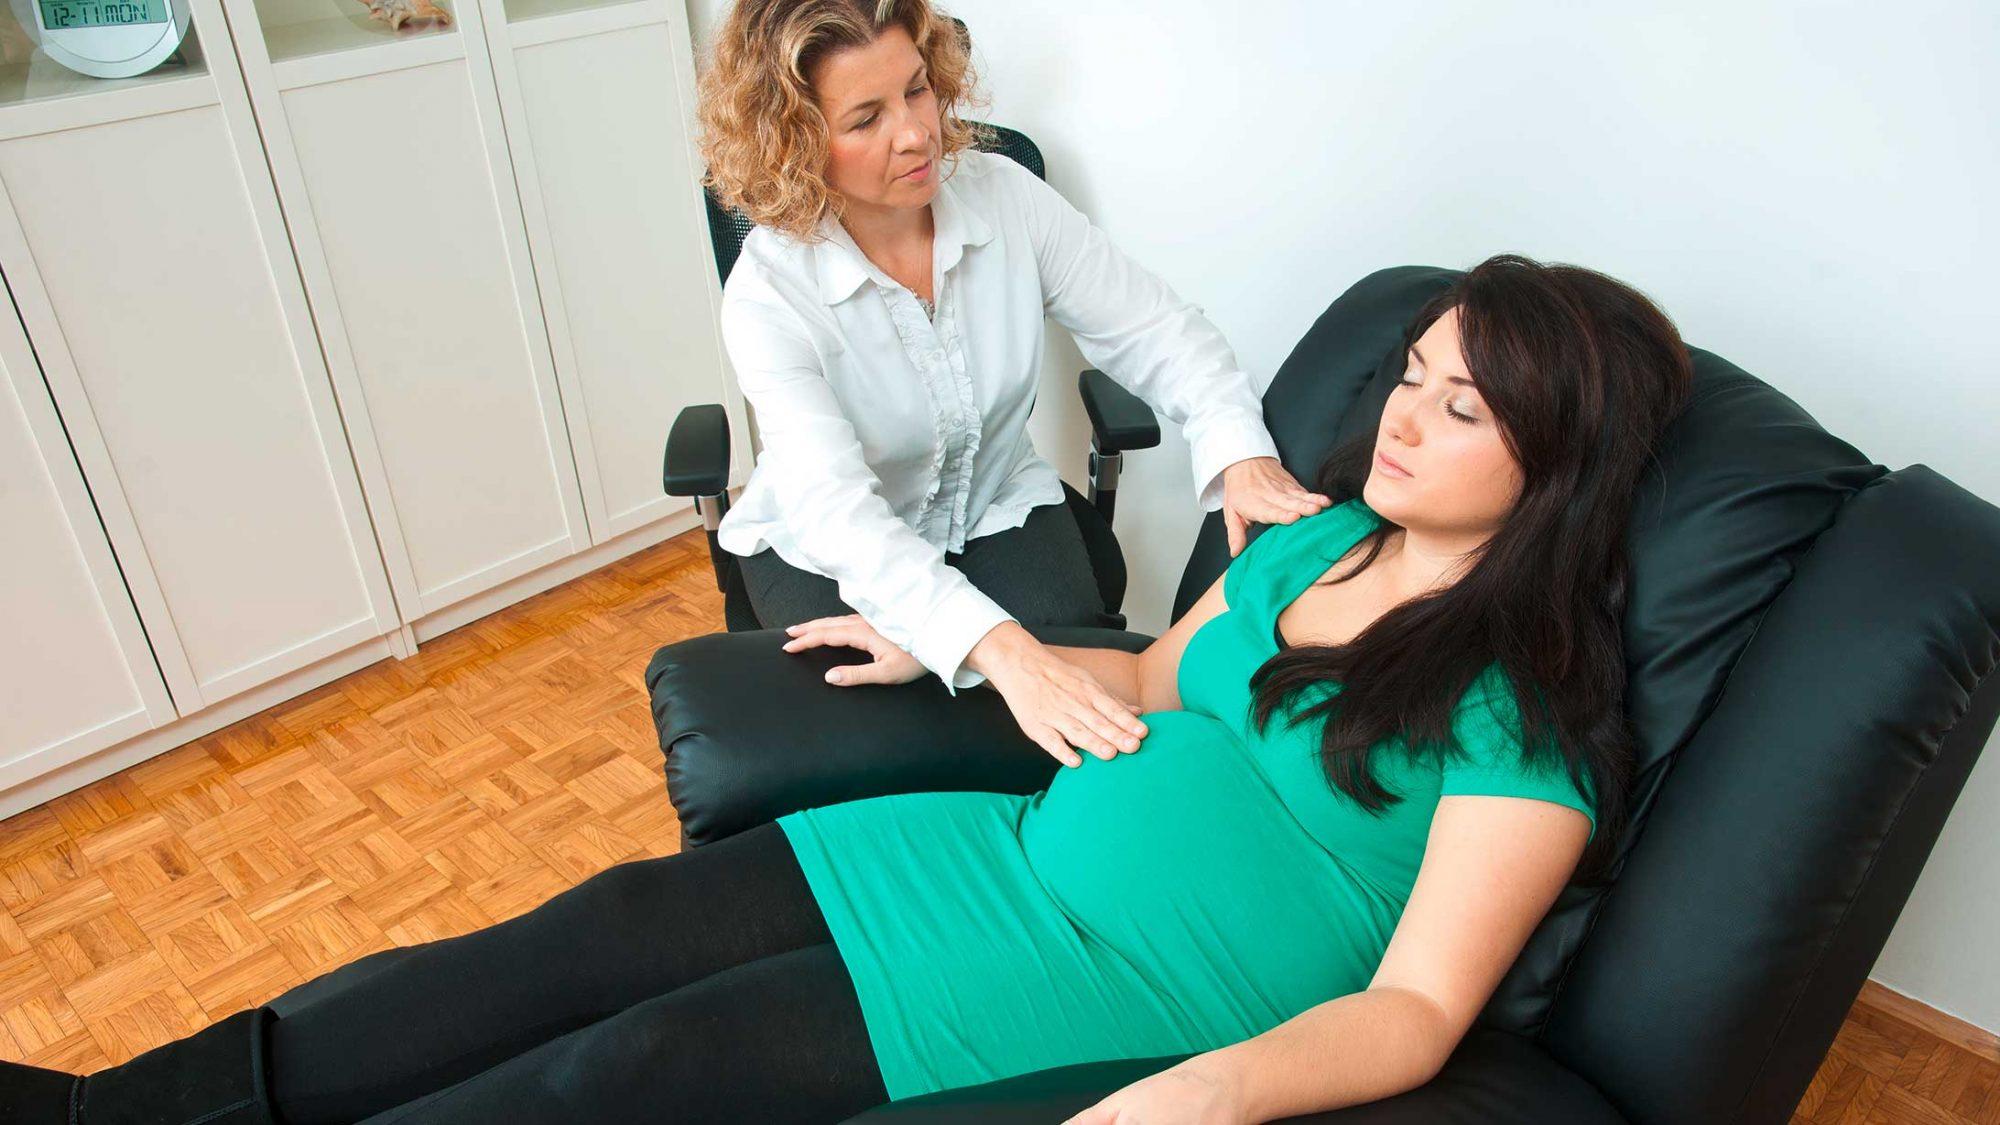 Geburtstrends: Eine Doula betreut eine Schwangere.